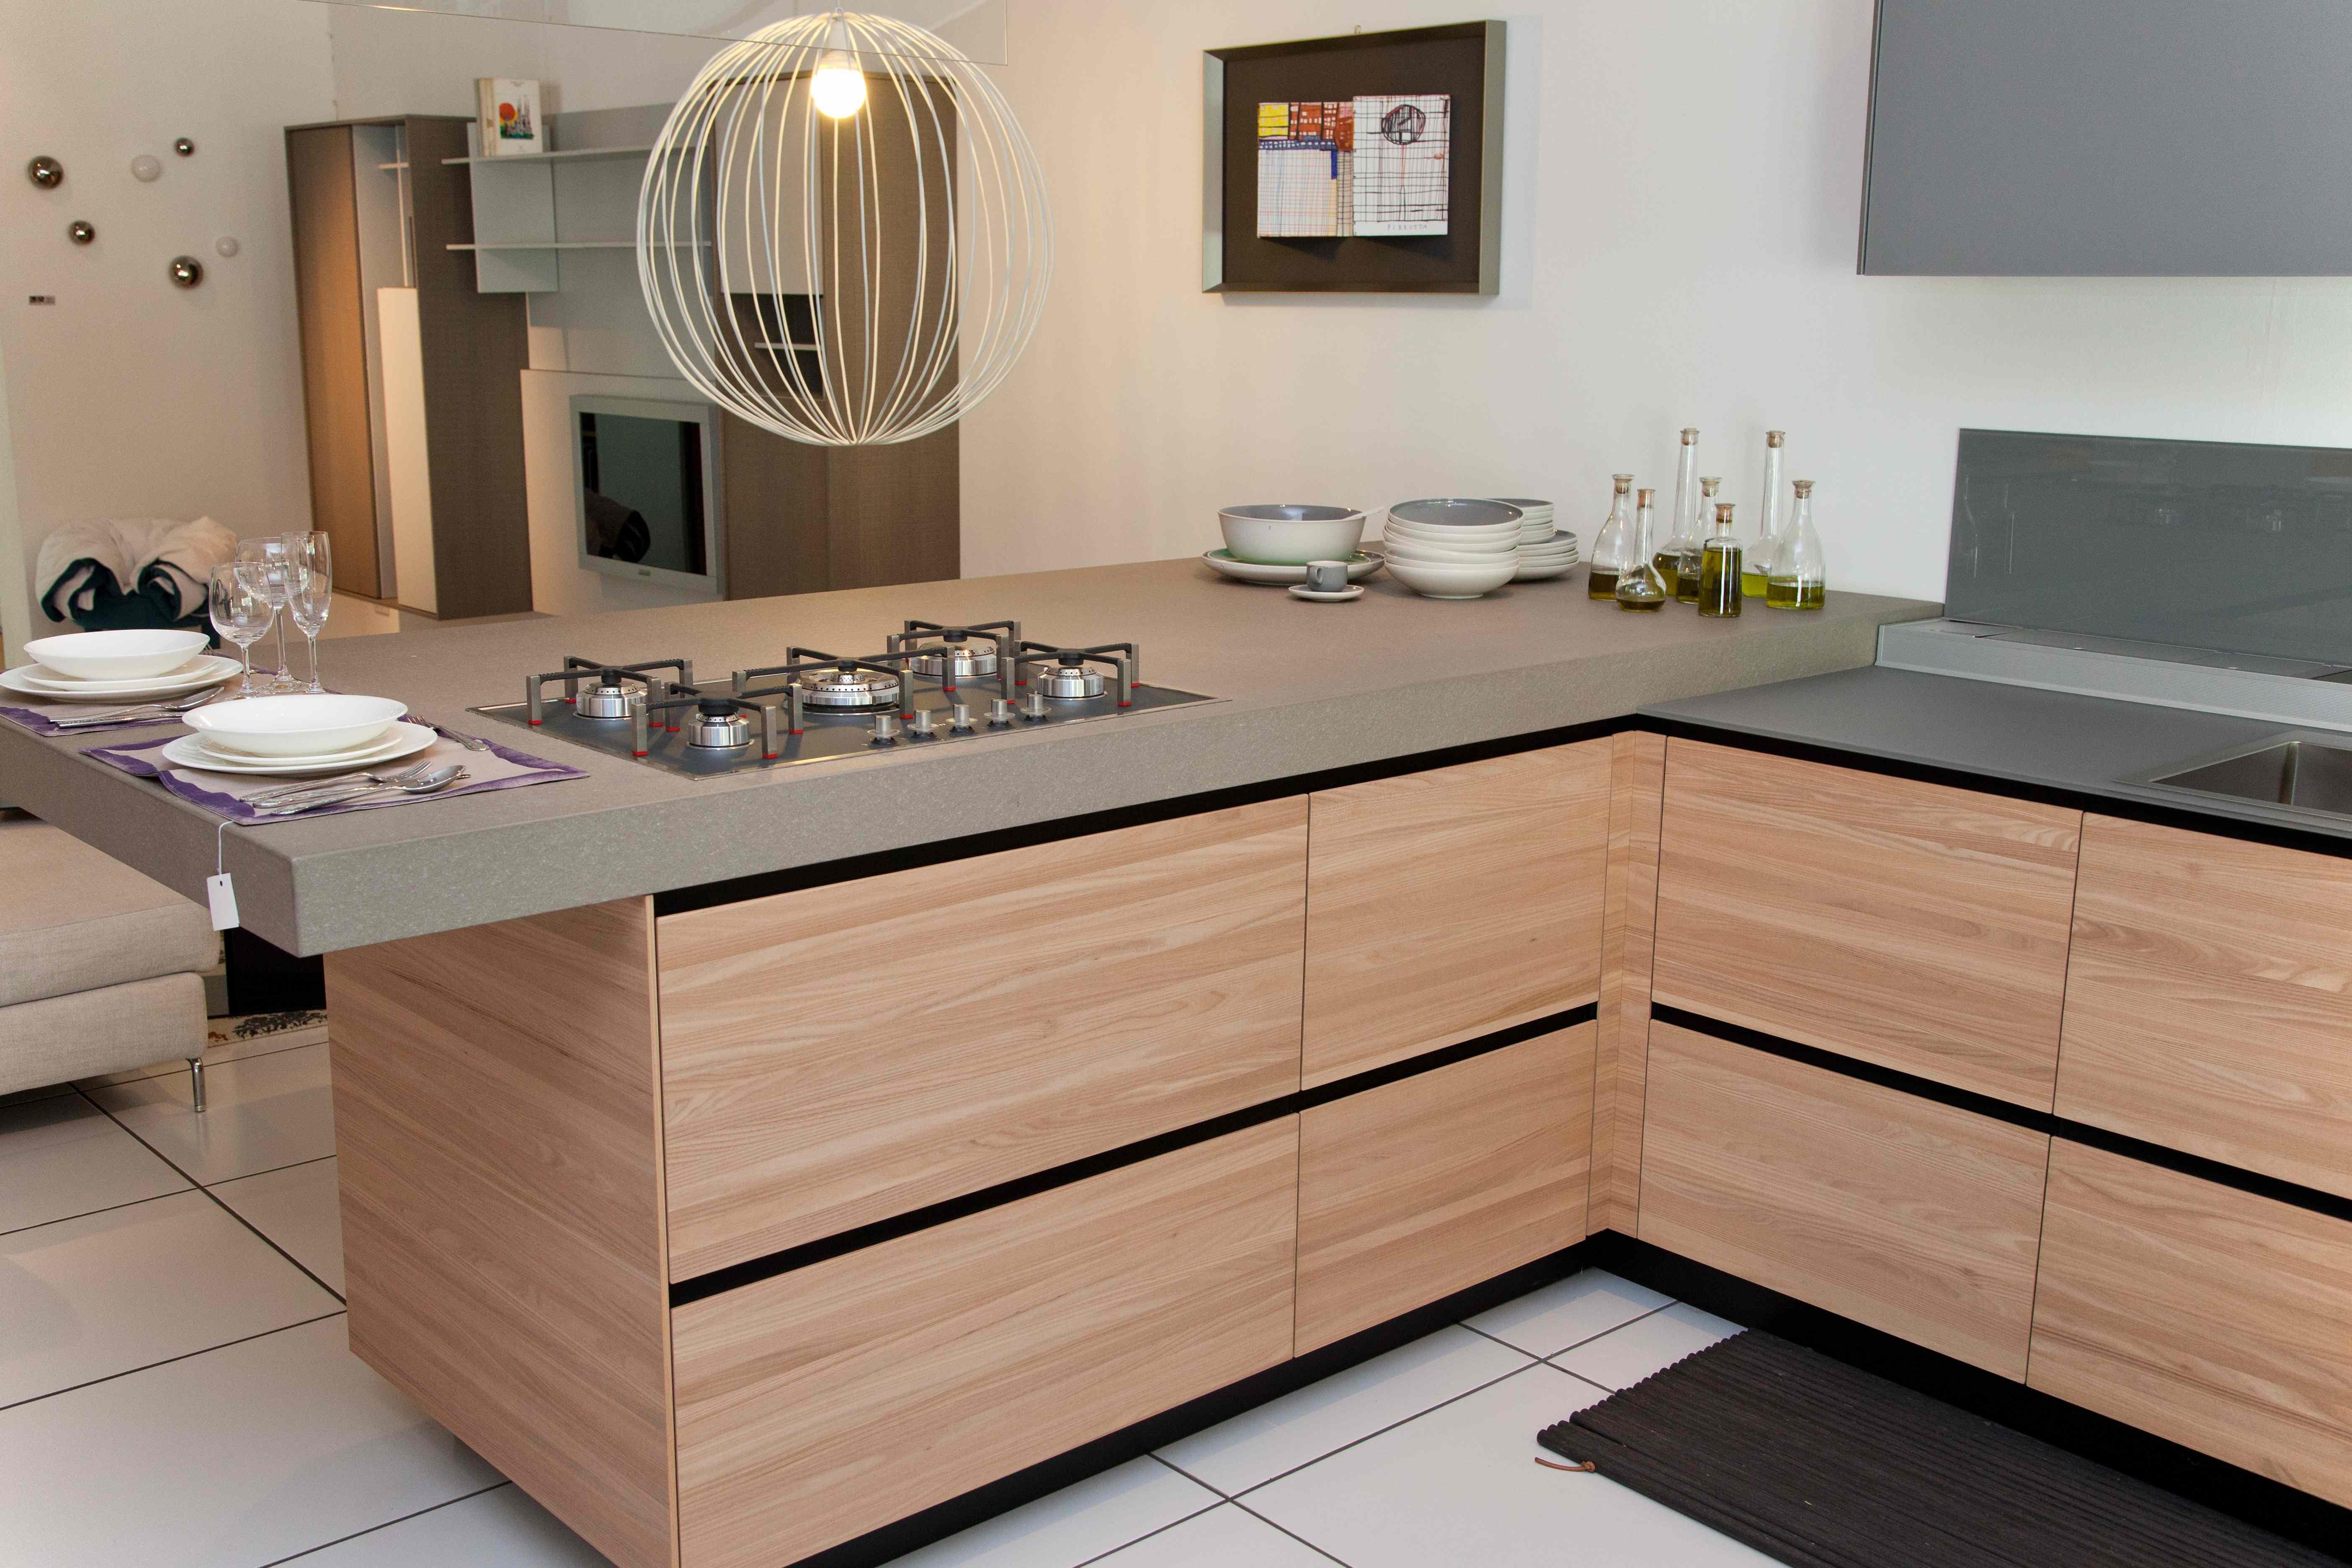 Caminetti da cucina - Cucine miton opinioni ...